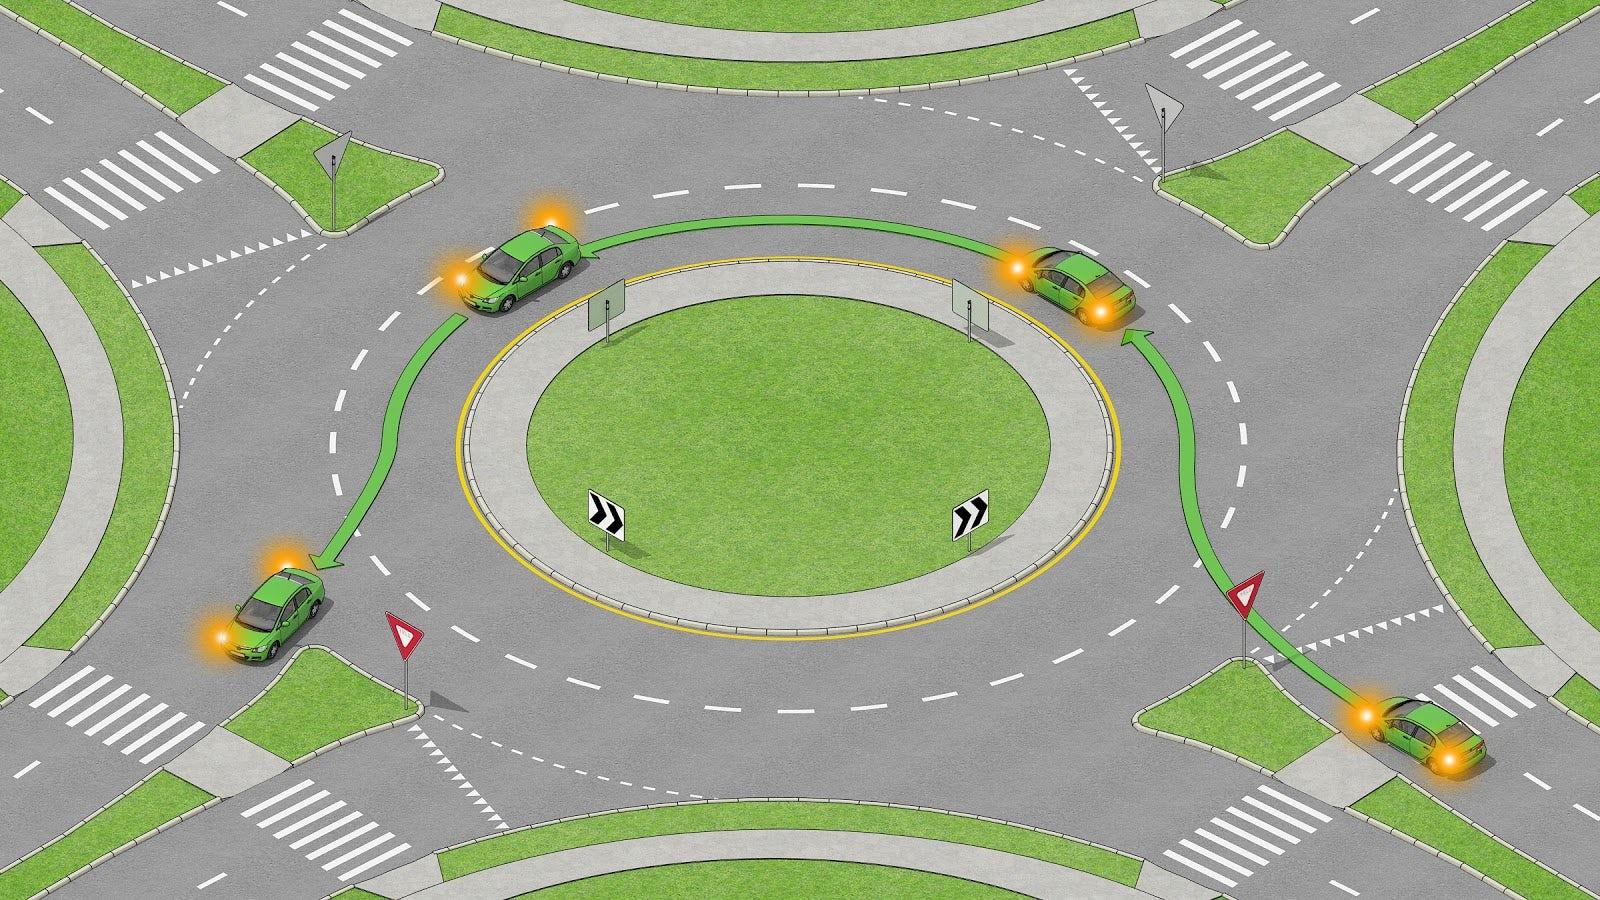 Bil som gör en vänstersväng i en rondell